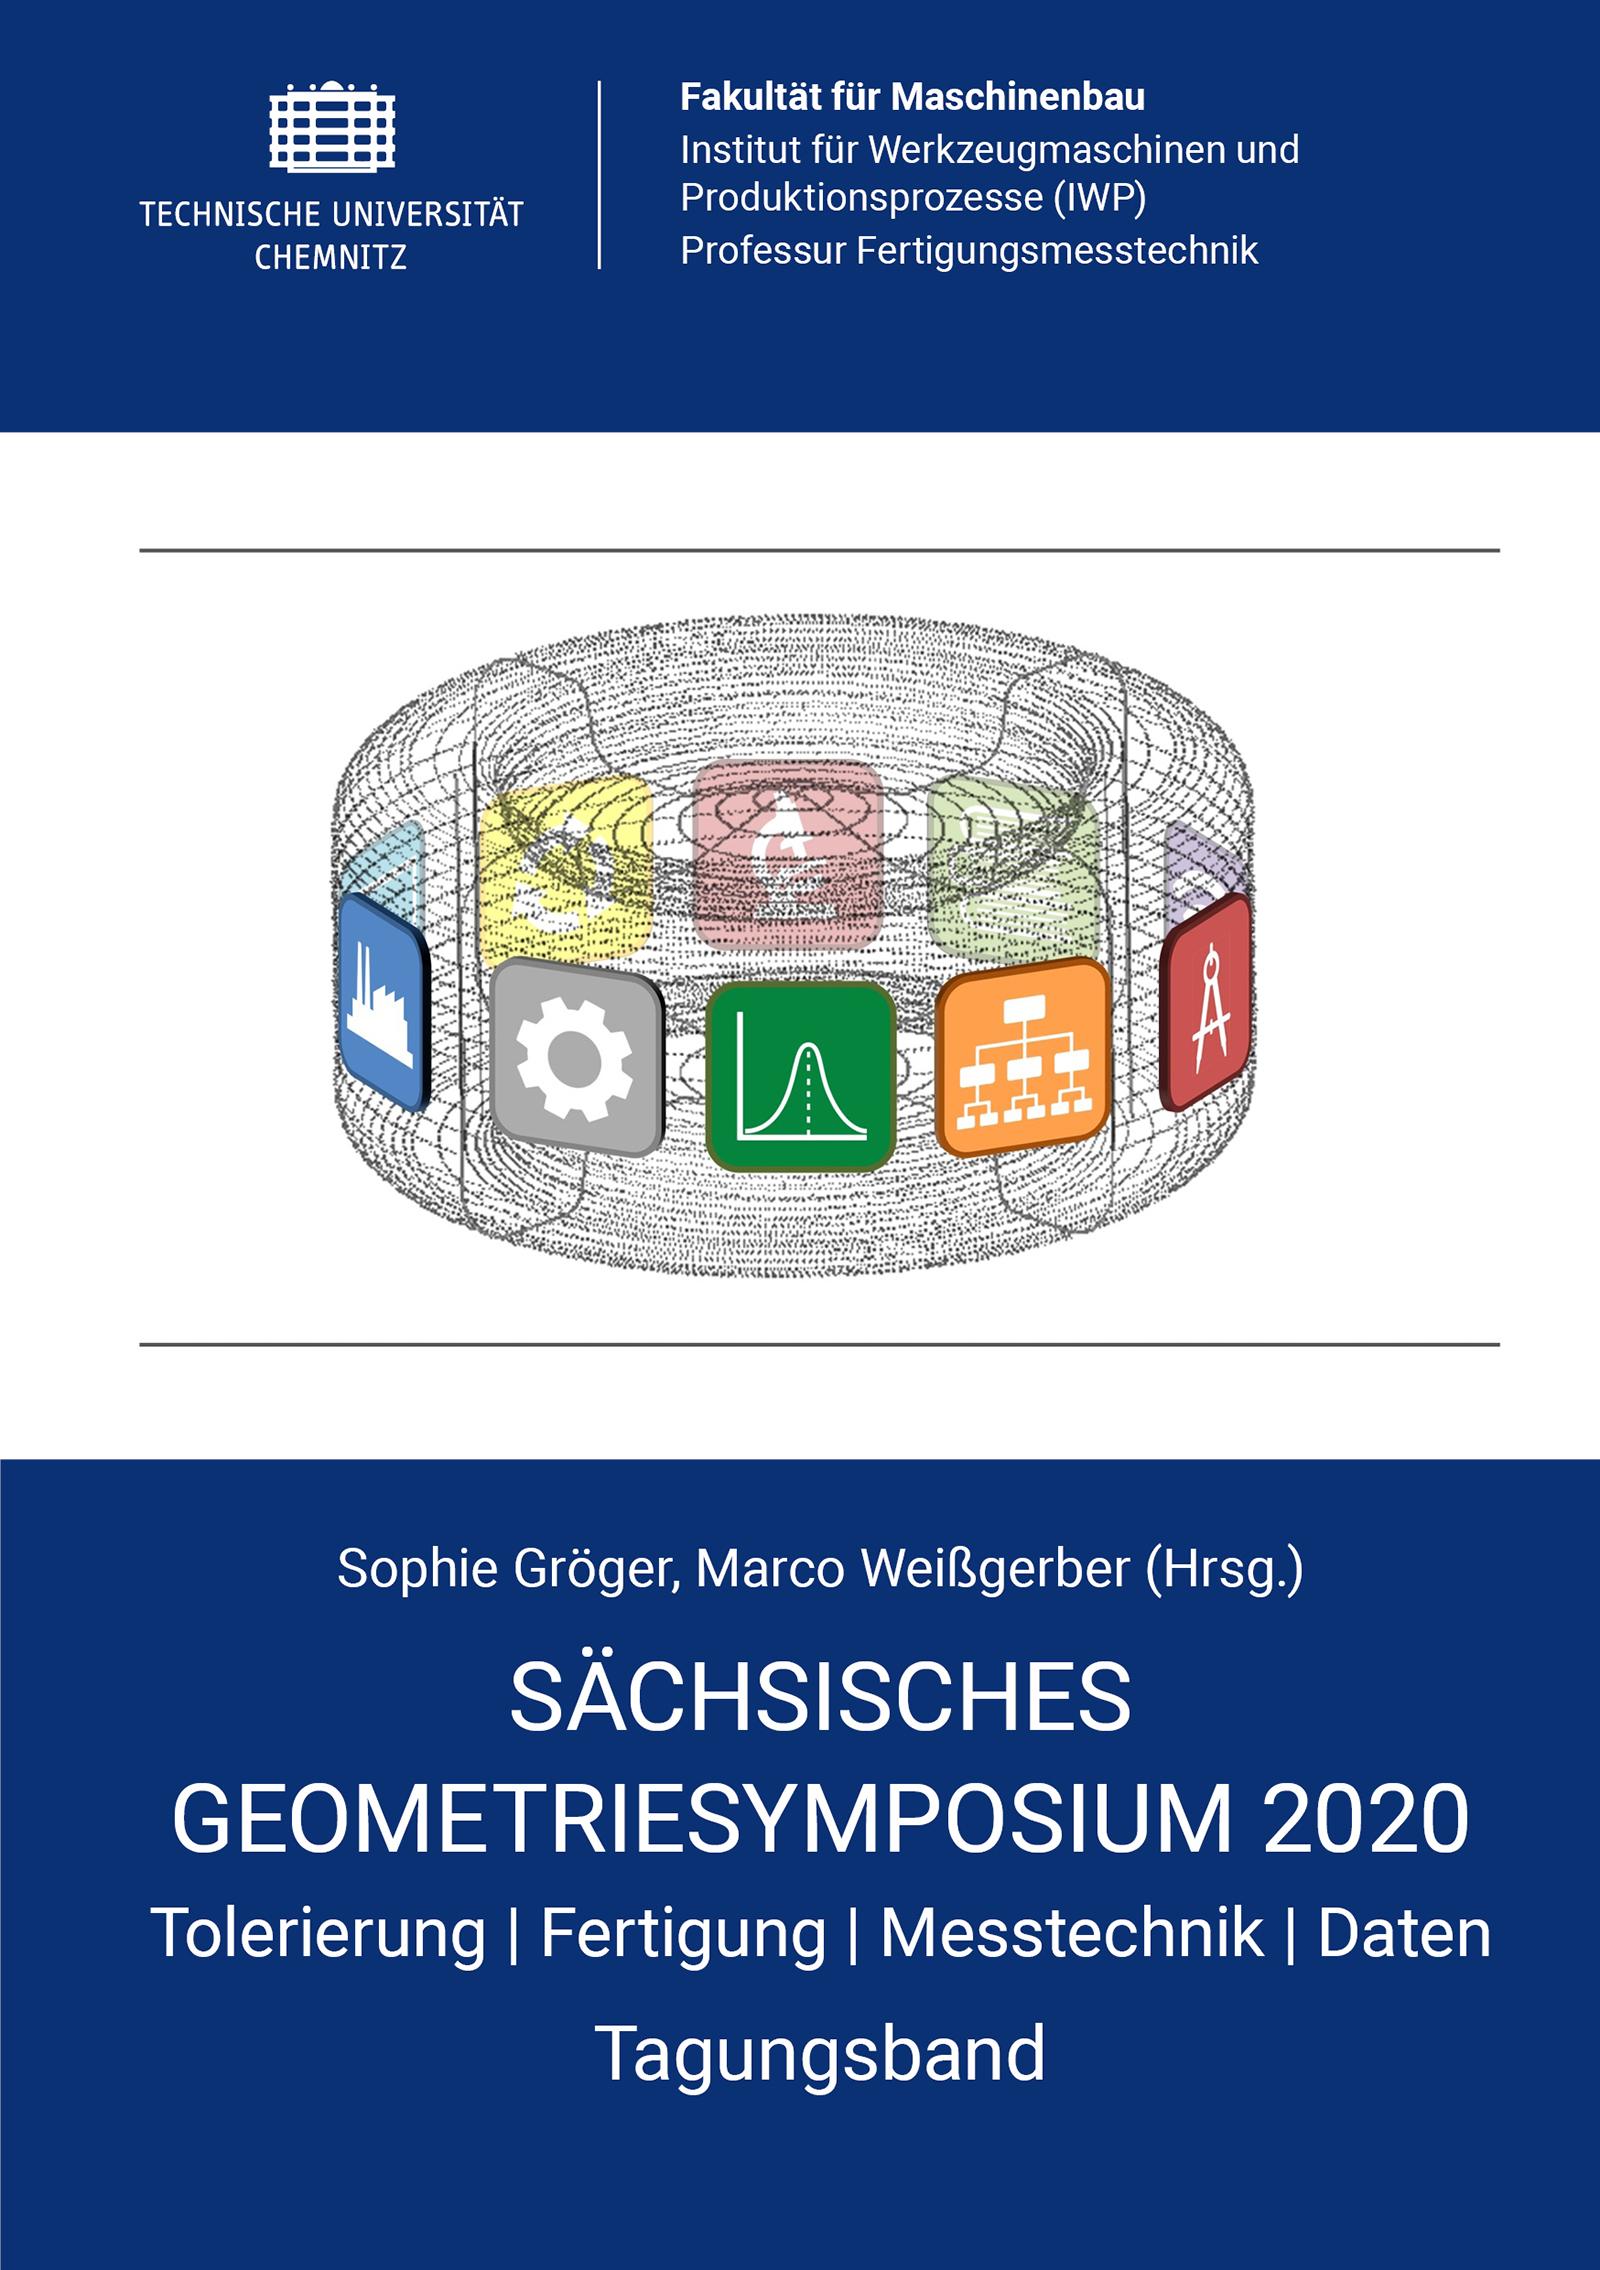 Cover: Sächsisches Geometriesymposium 2020 : Tolerierung - Fertigung - Messtechnik - Daten ; Tagungsband / Sophie Gröger, Marco Weißgerber (Hrsg.)